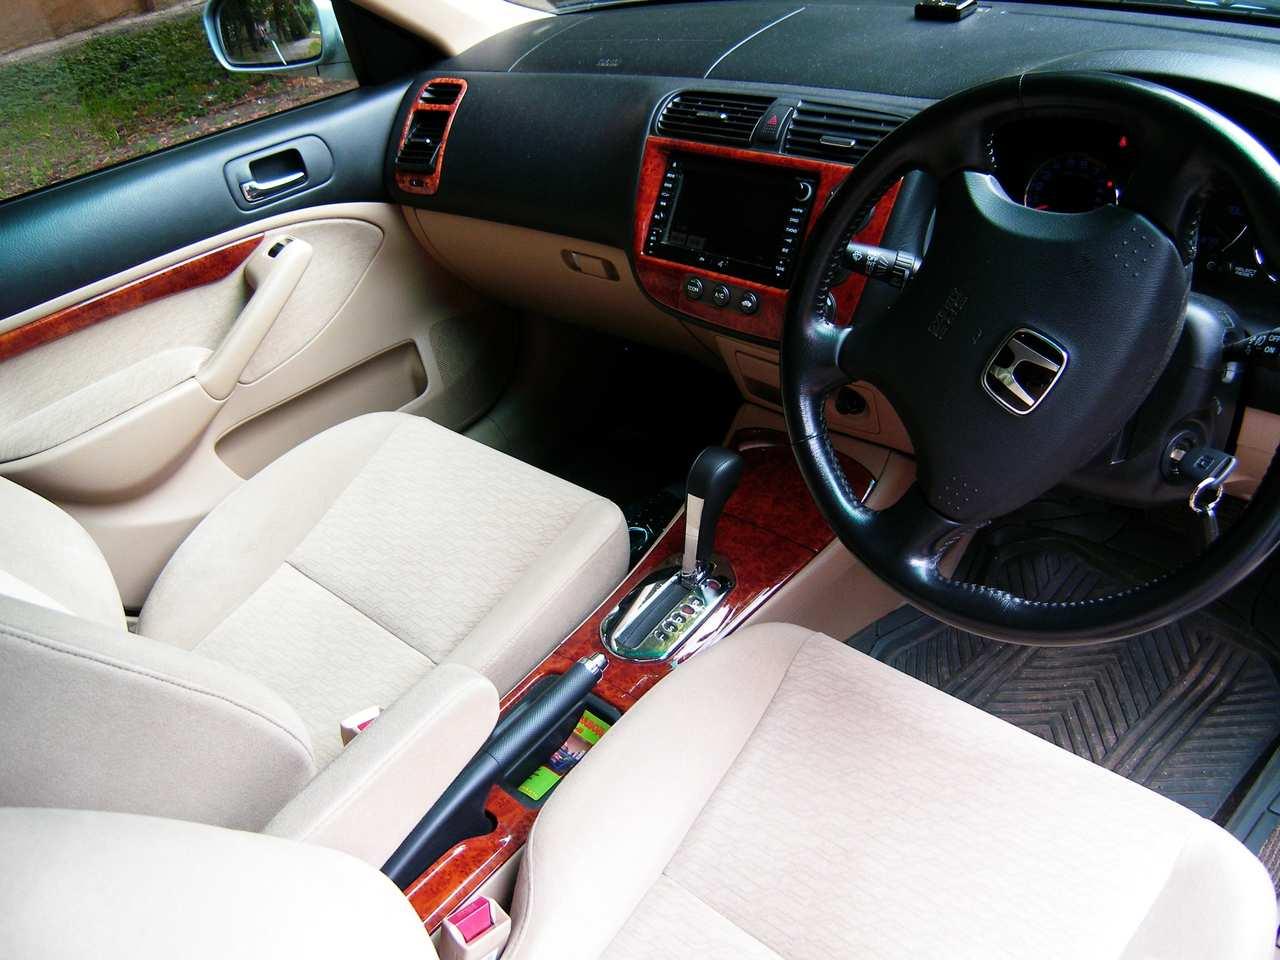 2004 Honda Civic Hybrid Photos